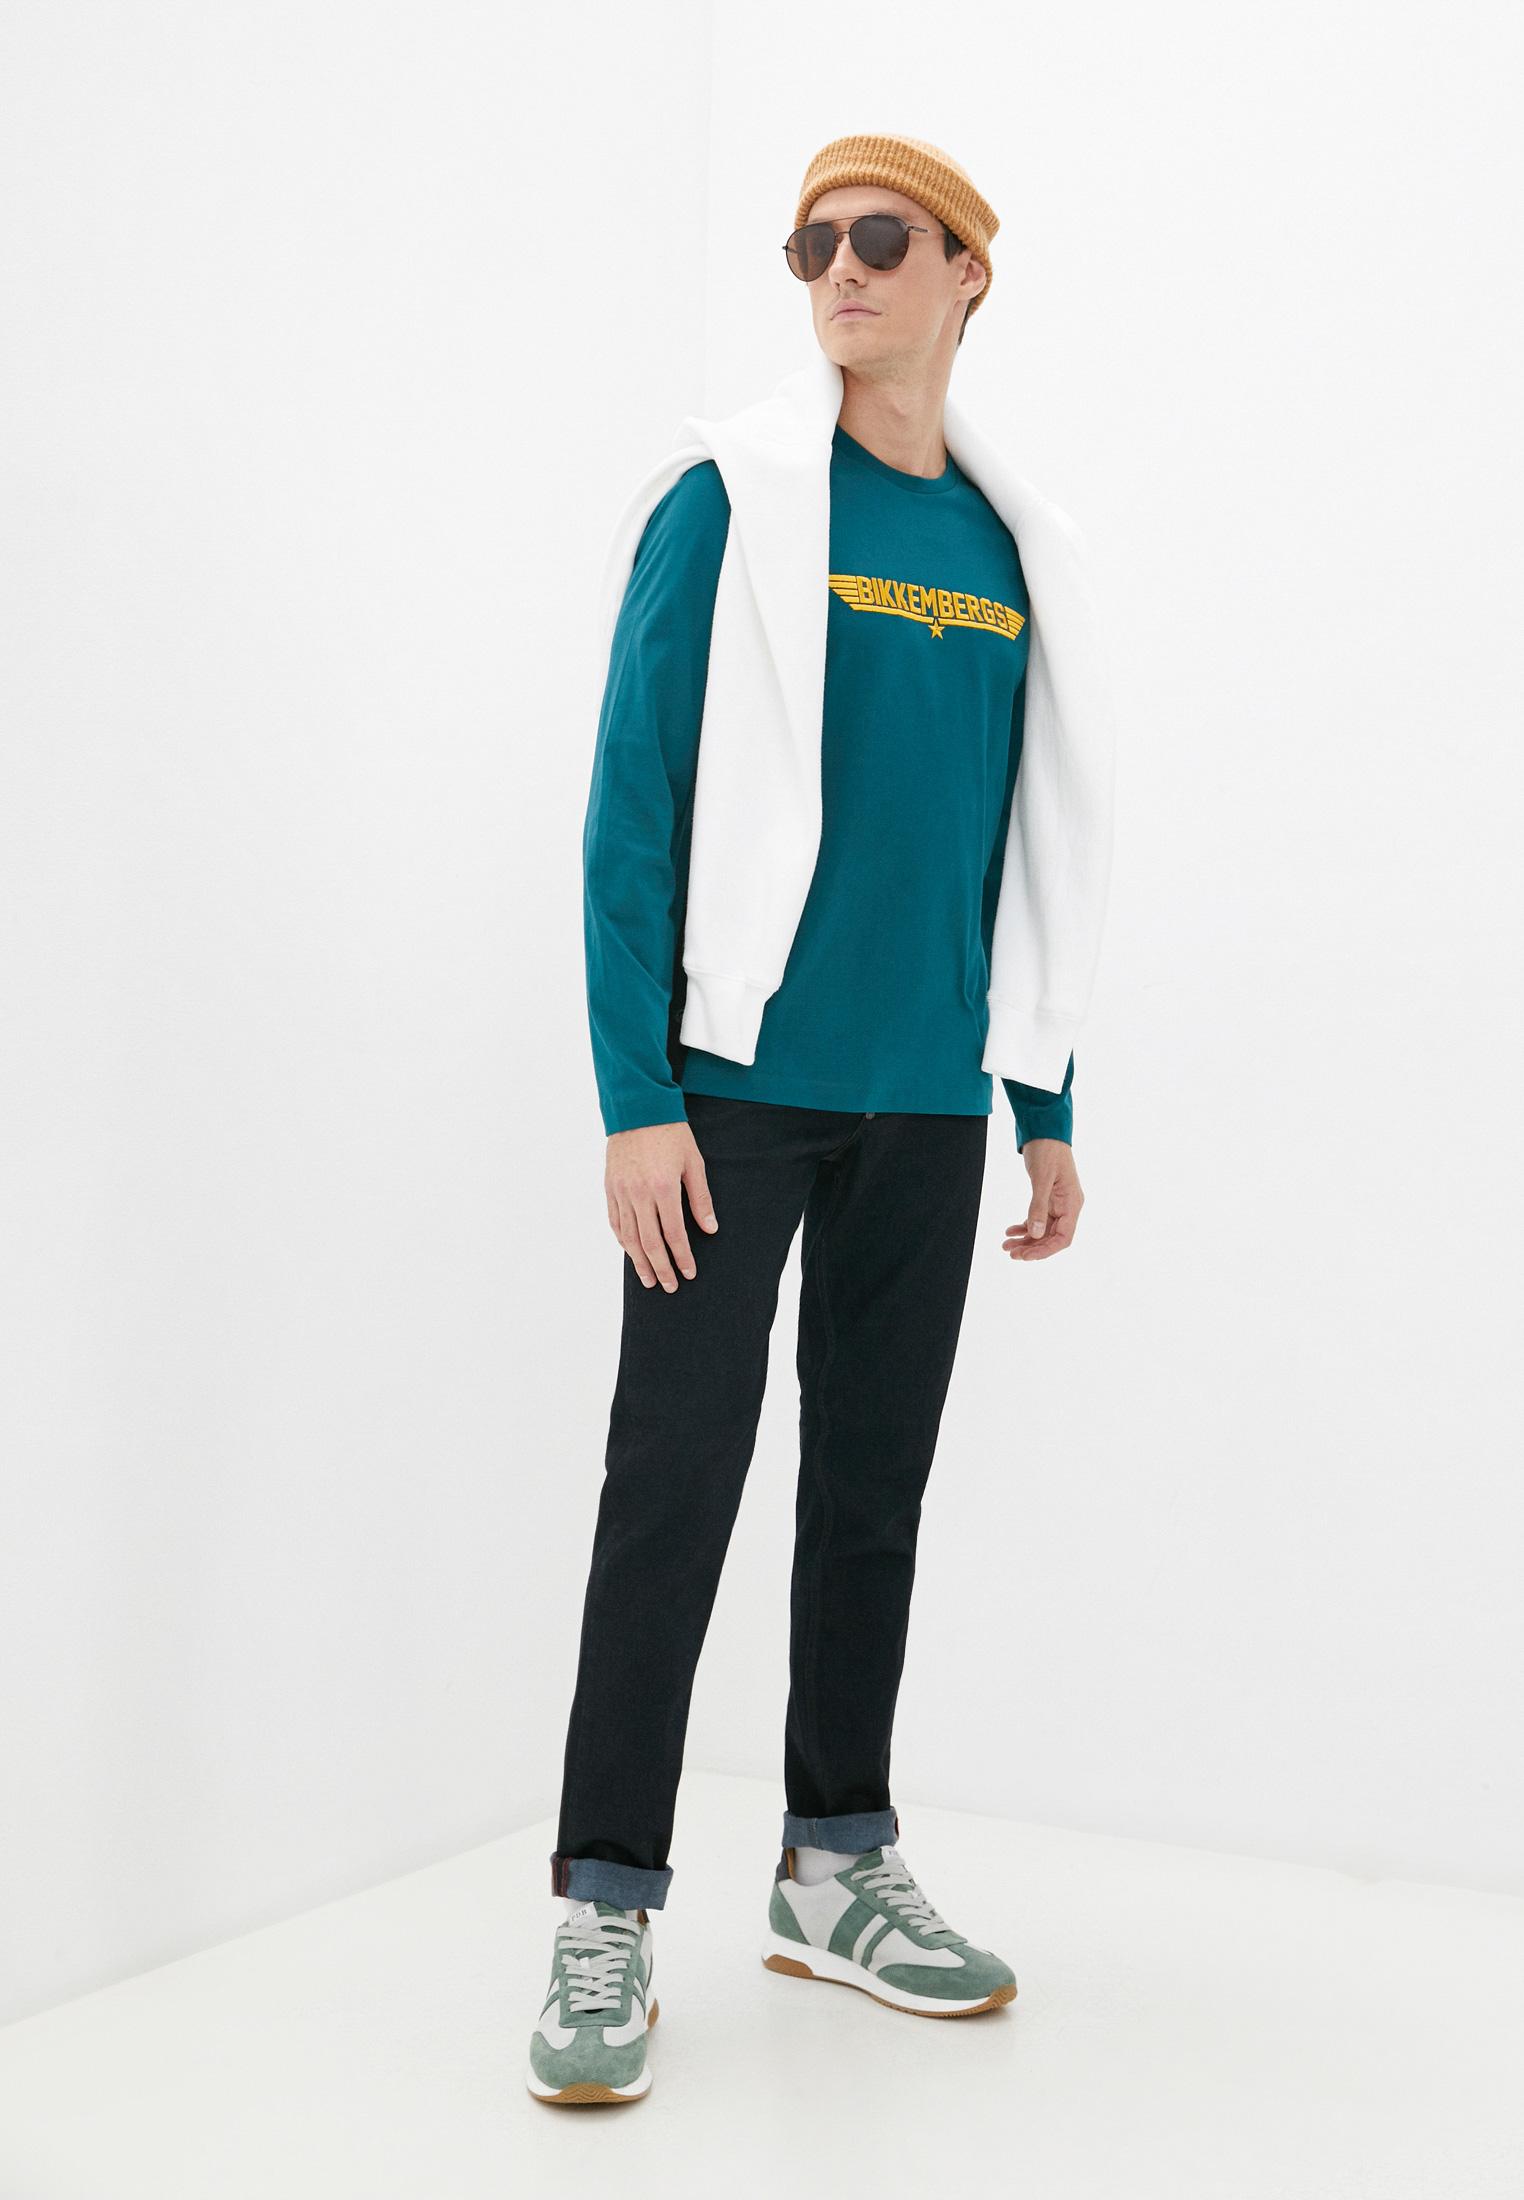 Мужские прямые джинсы Bikkembergs (Биккембергс) C Q 101 01 S 3333: изображение 13